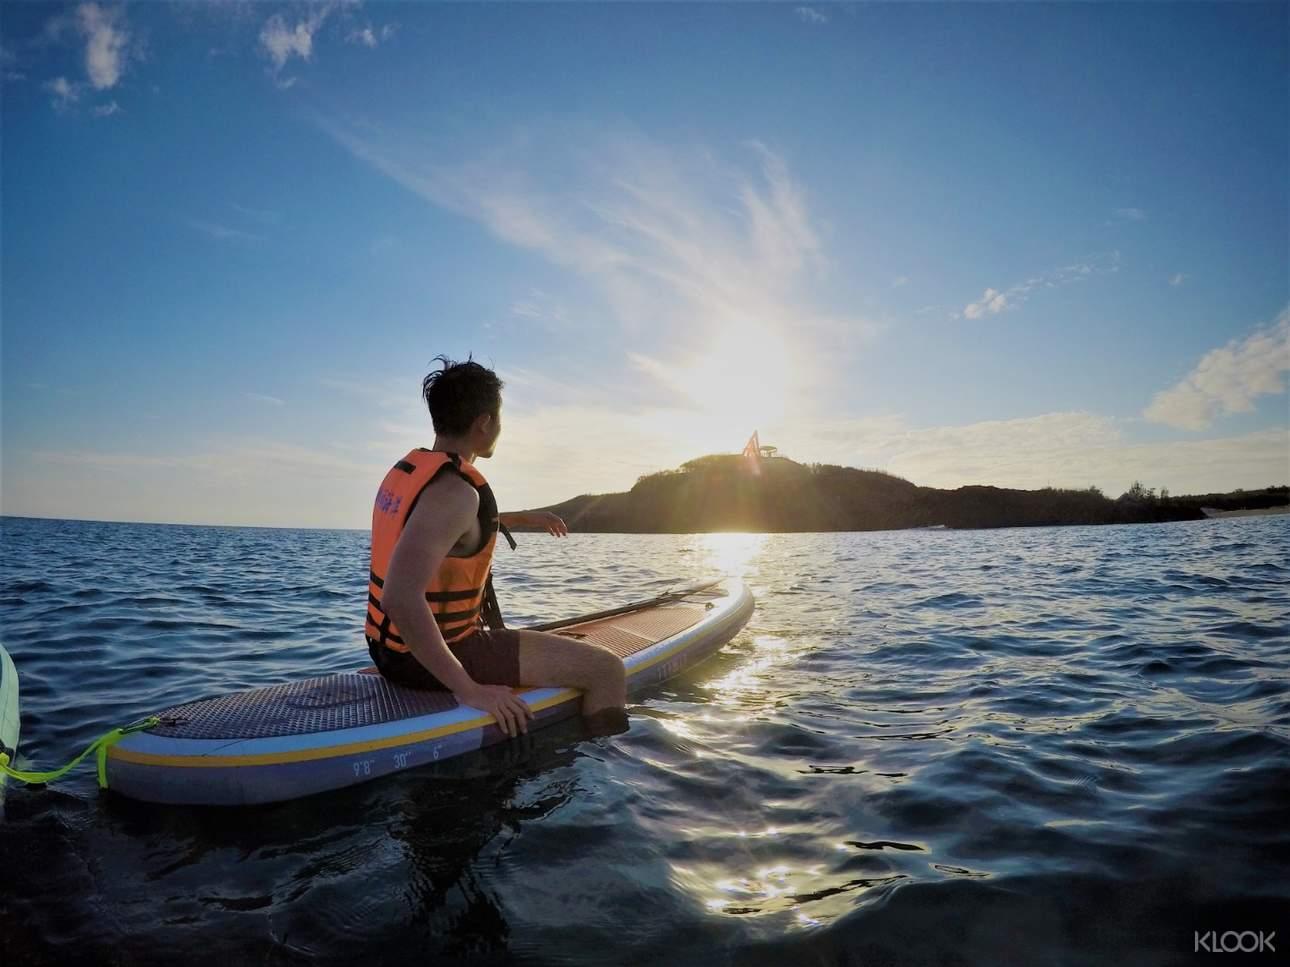 可選擇浮潛搭配SUP體驗,悠閒享受海上時光